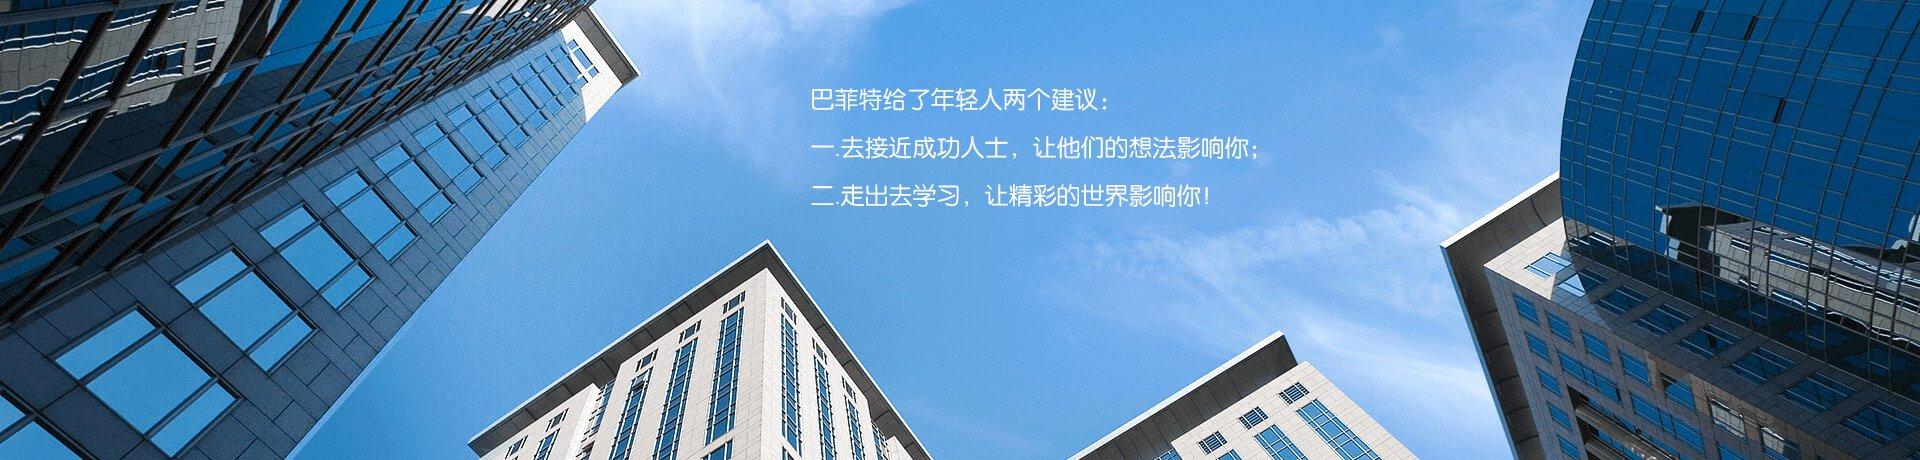 武汉企业管理培训班